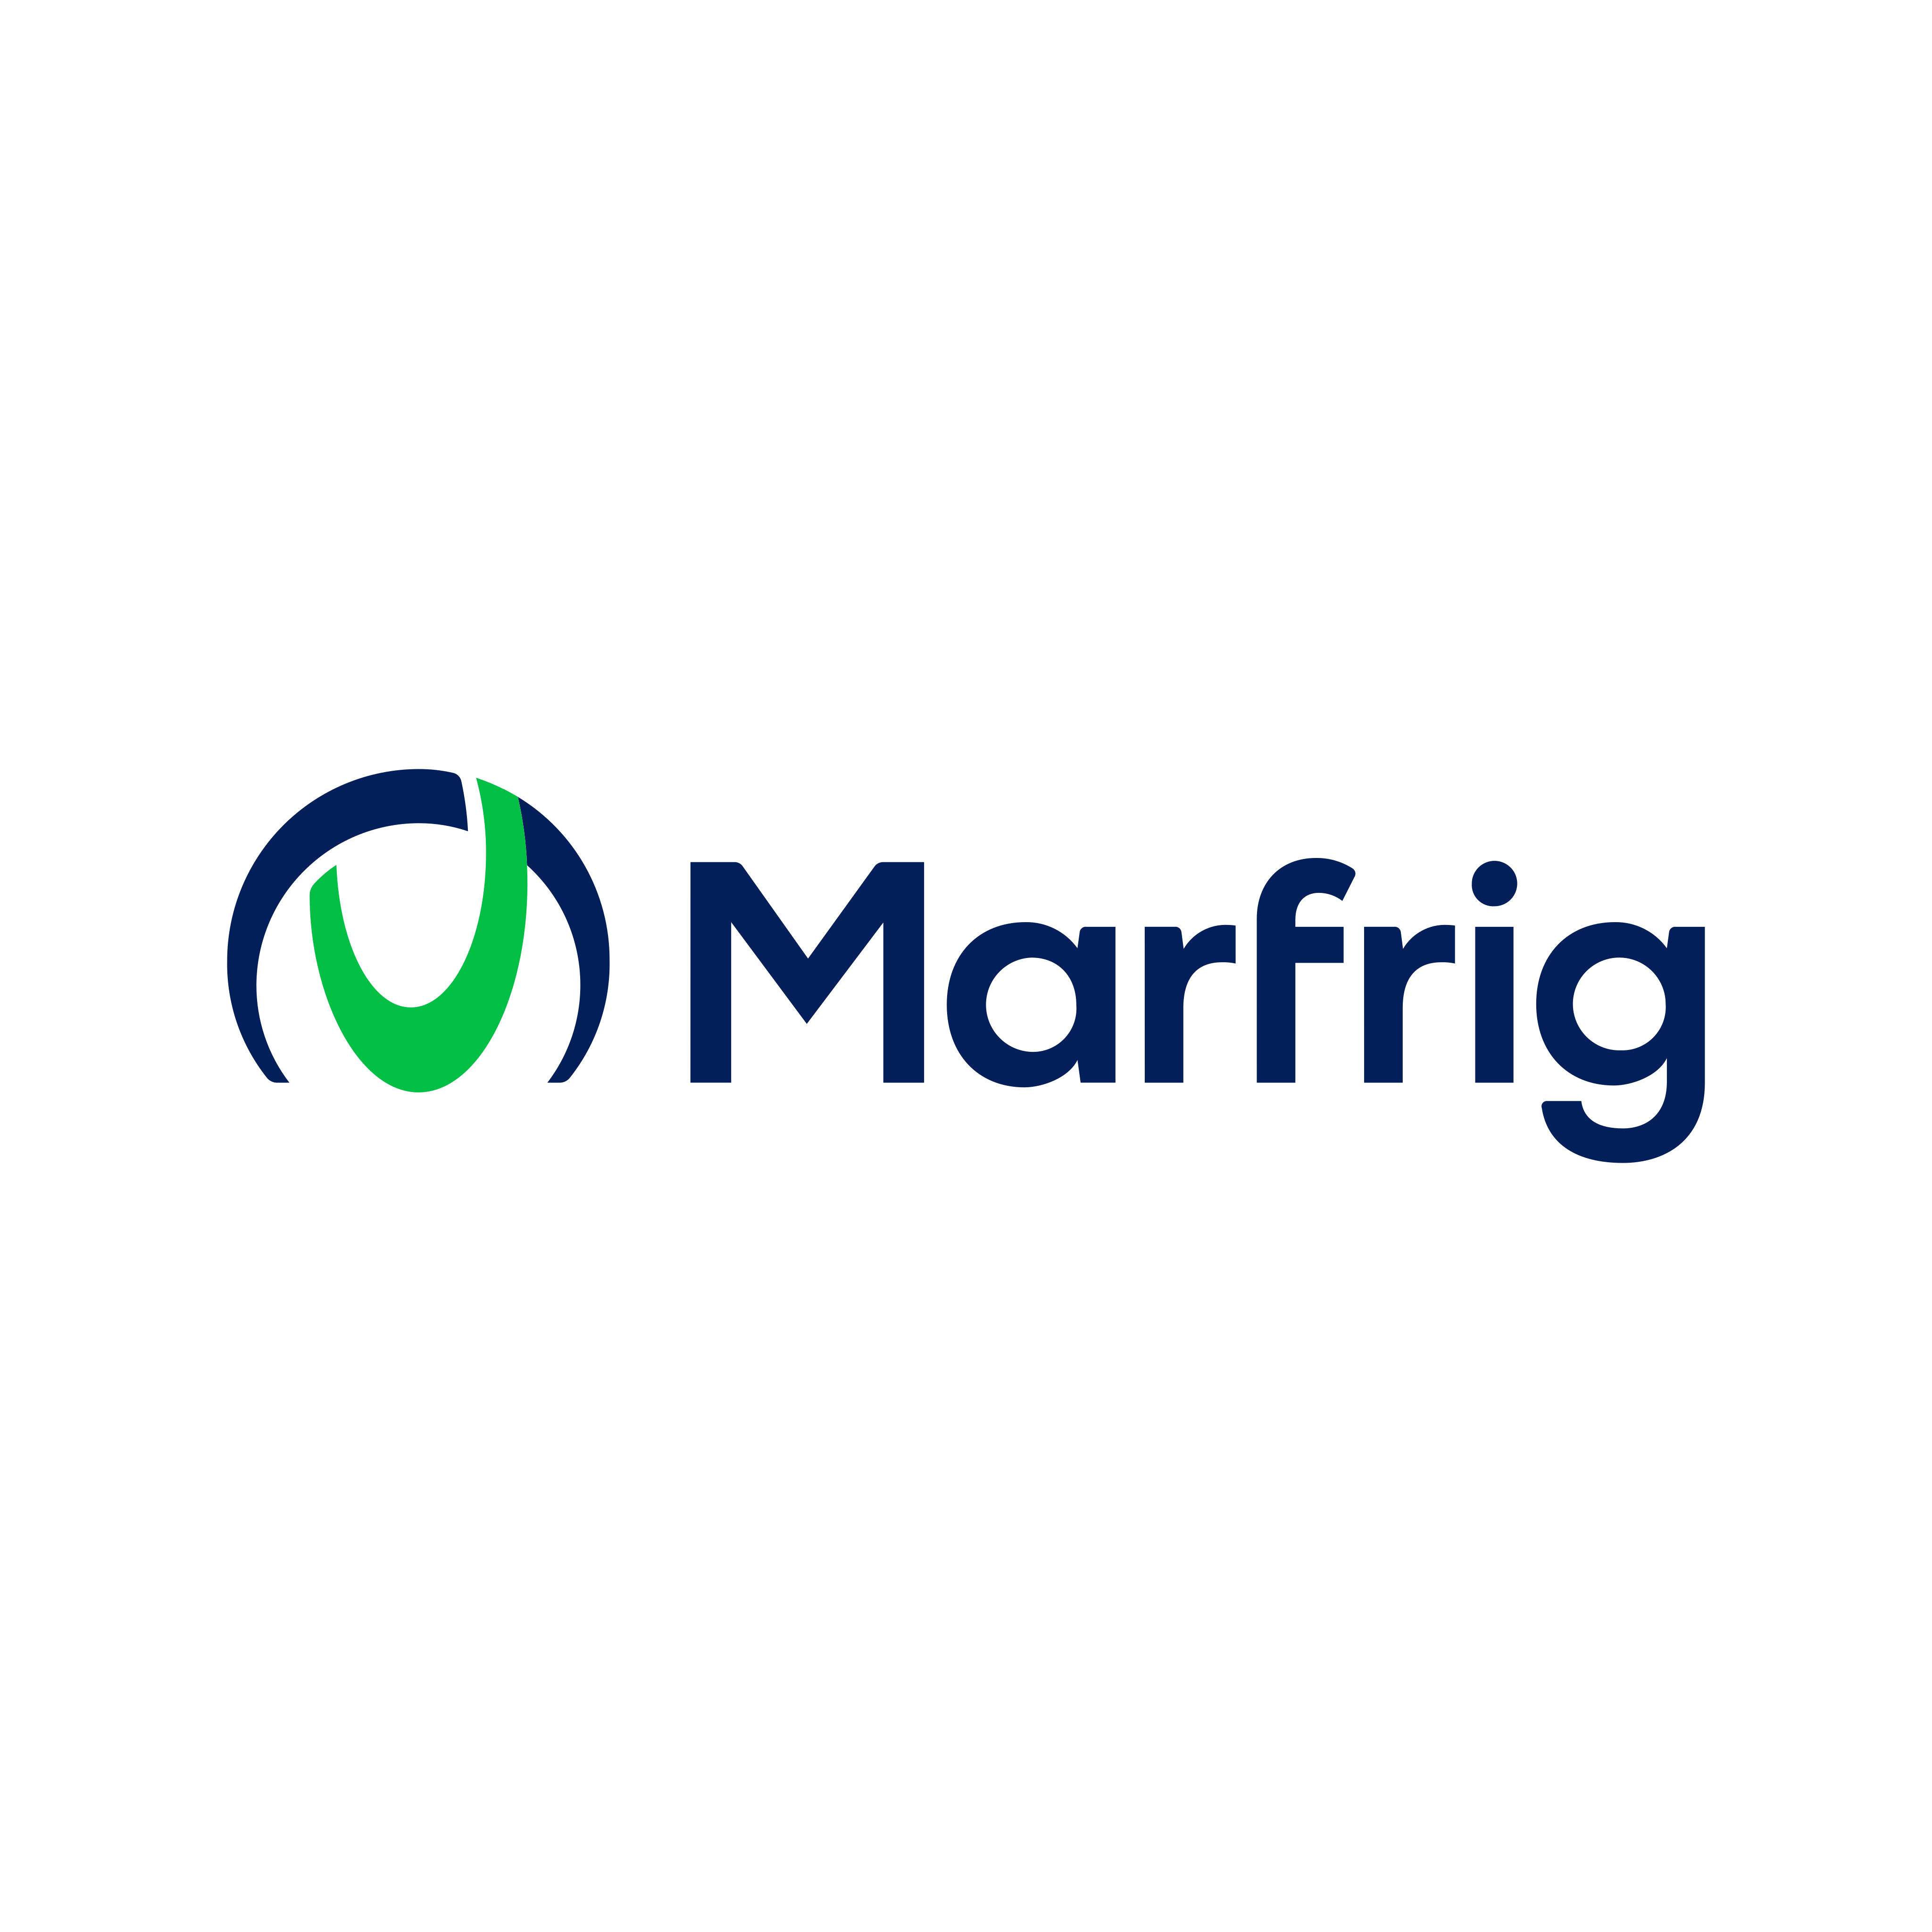 marfrig logo 0 - Marfrig Logo